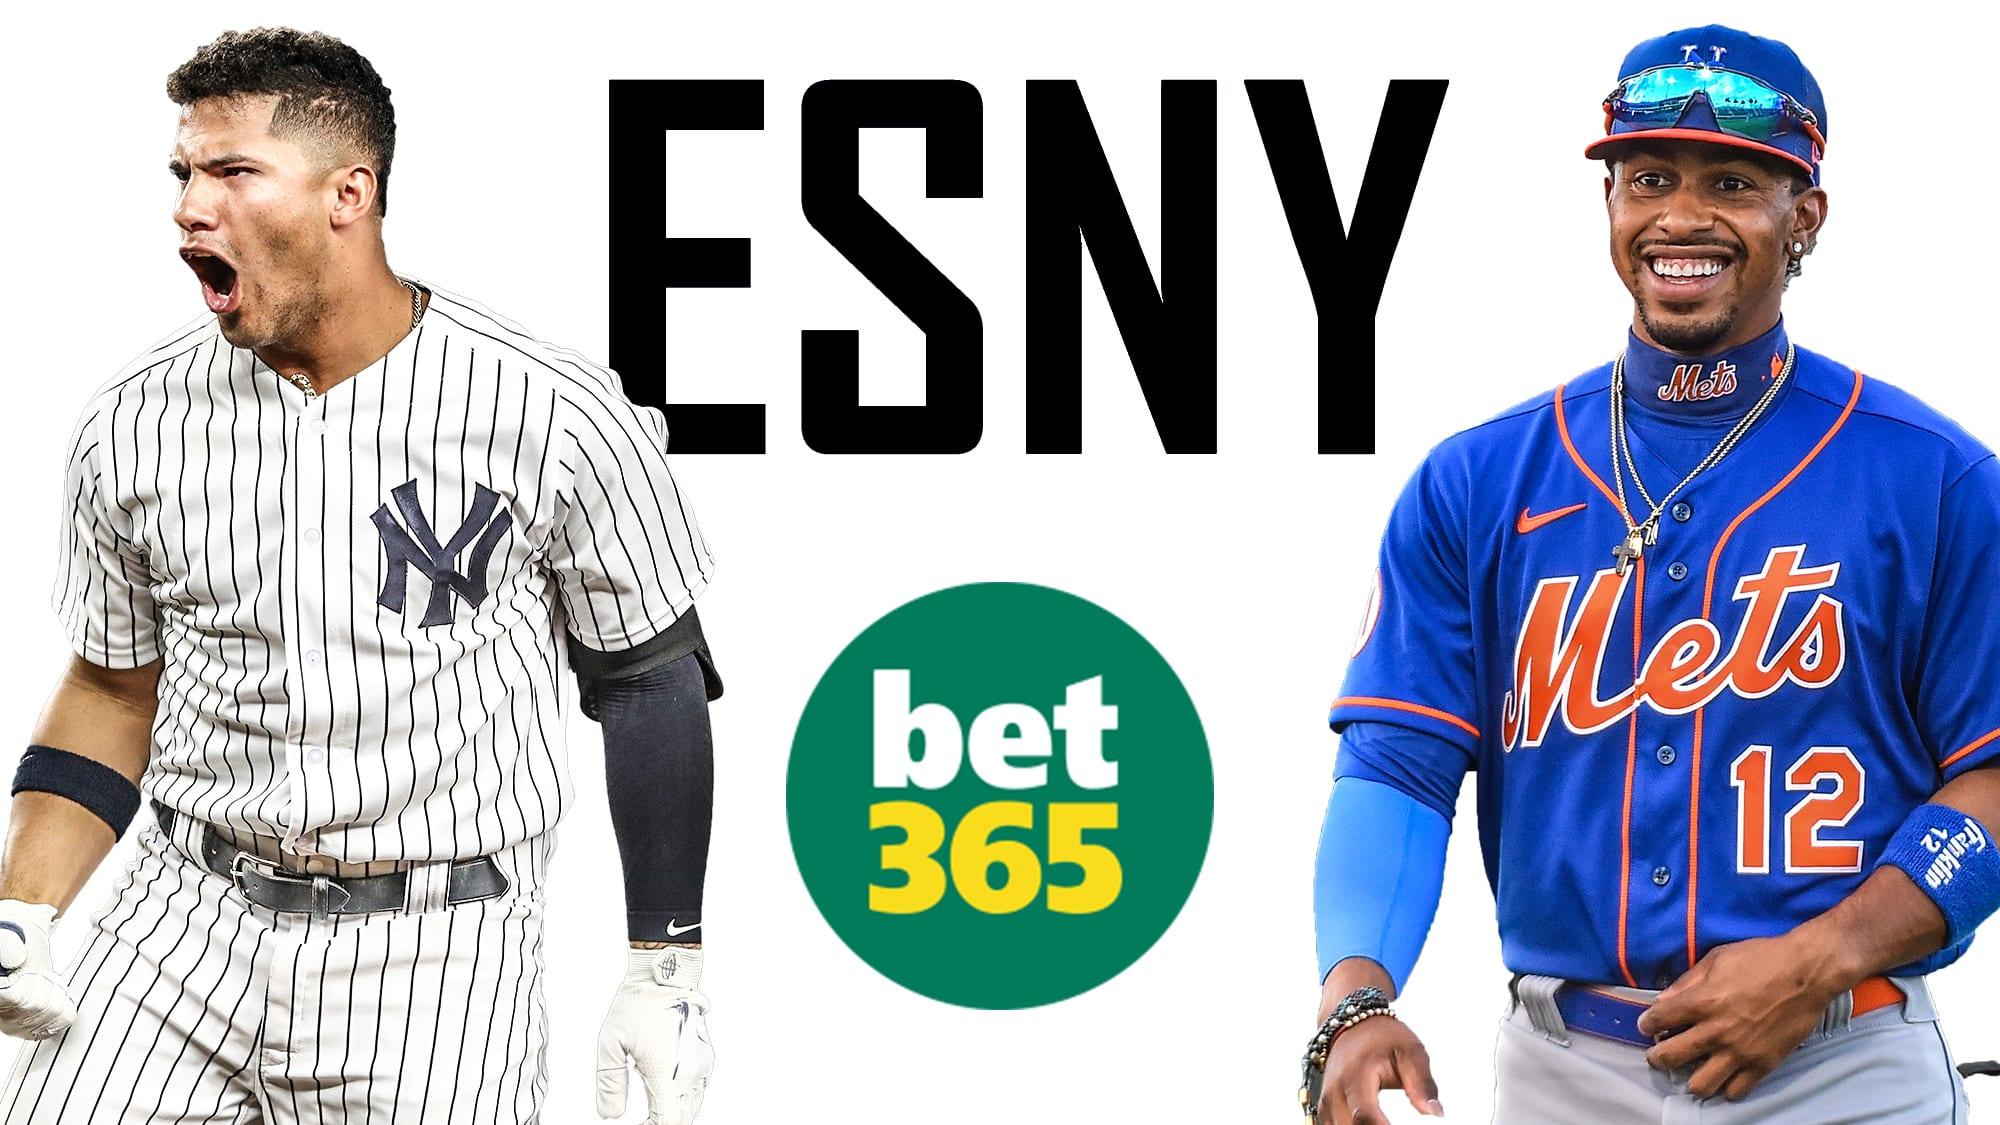 ESNY, Bet365, MLB Futures, Gleyber Torres, Francisco Lindor